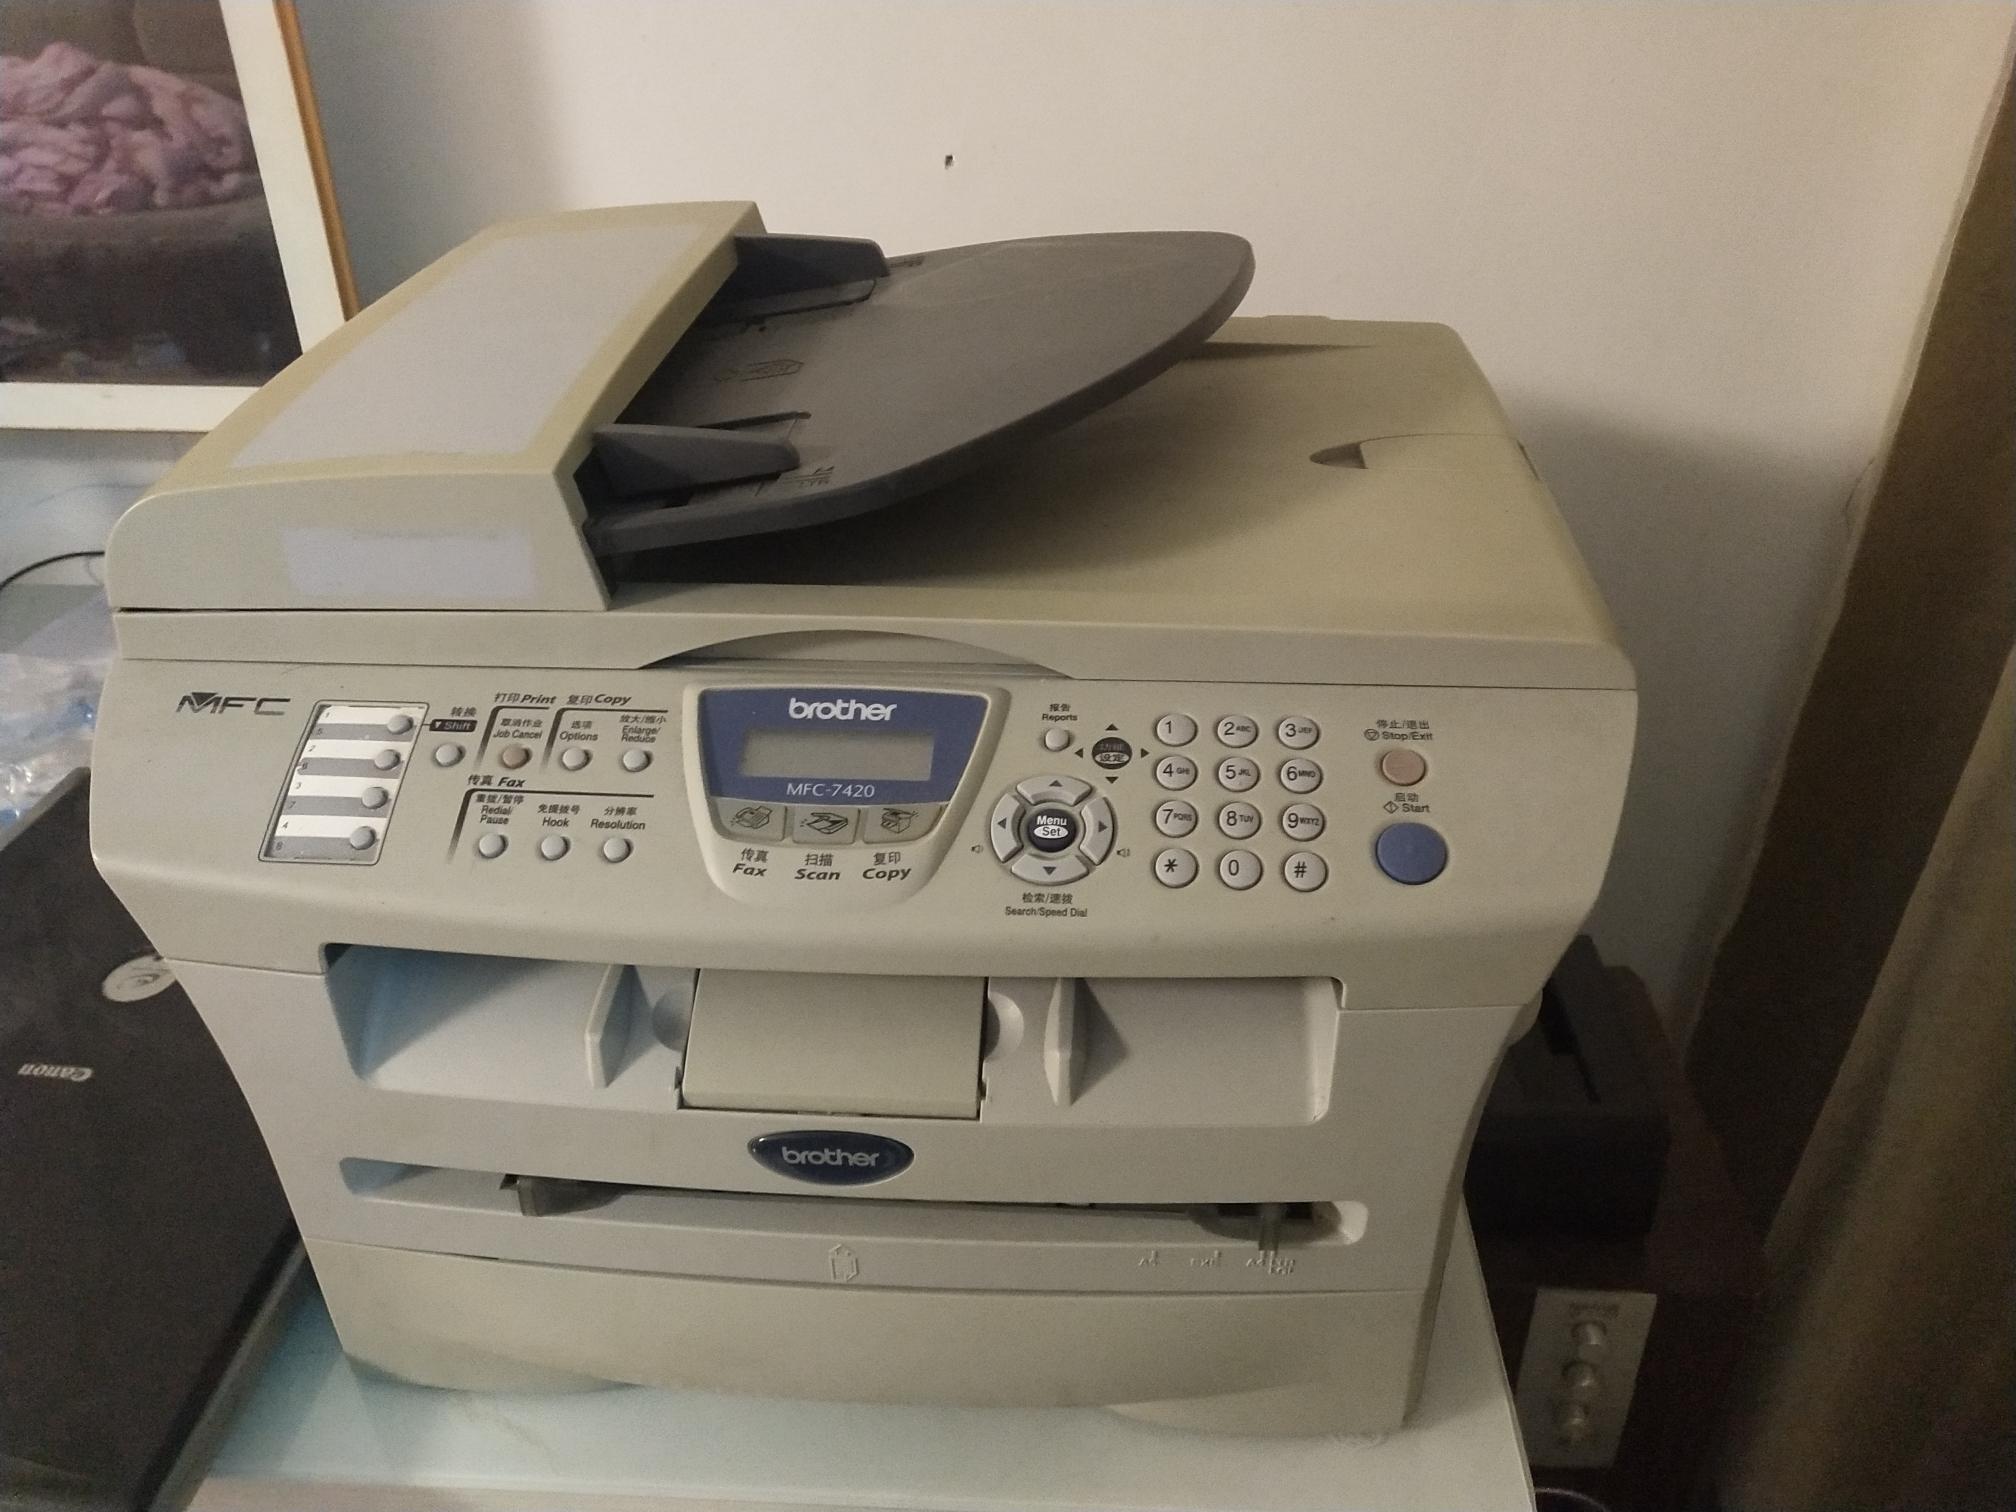 兄弟复印机,打印,复印,打描,传真,小孩打印作业的,毕业用不